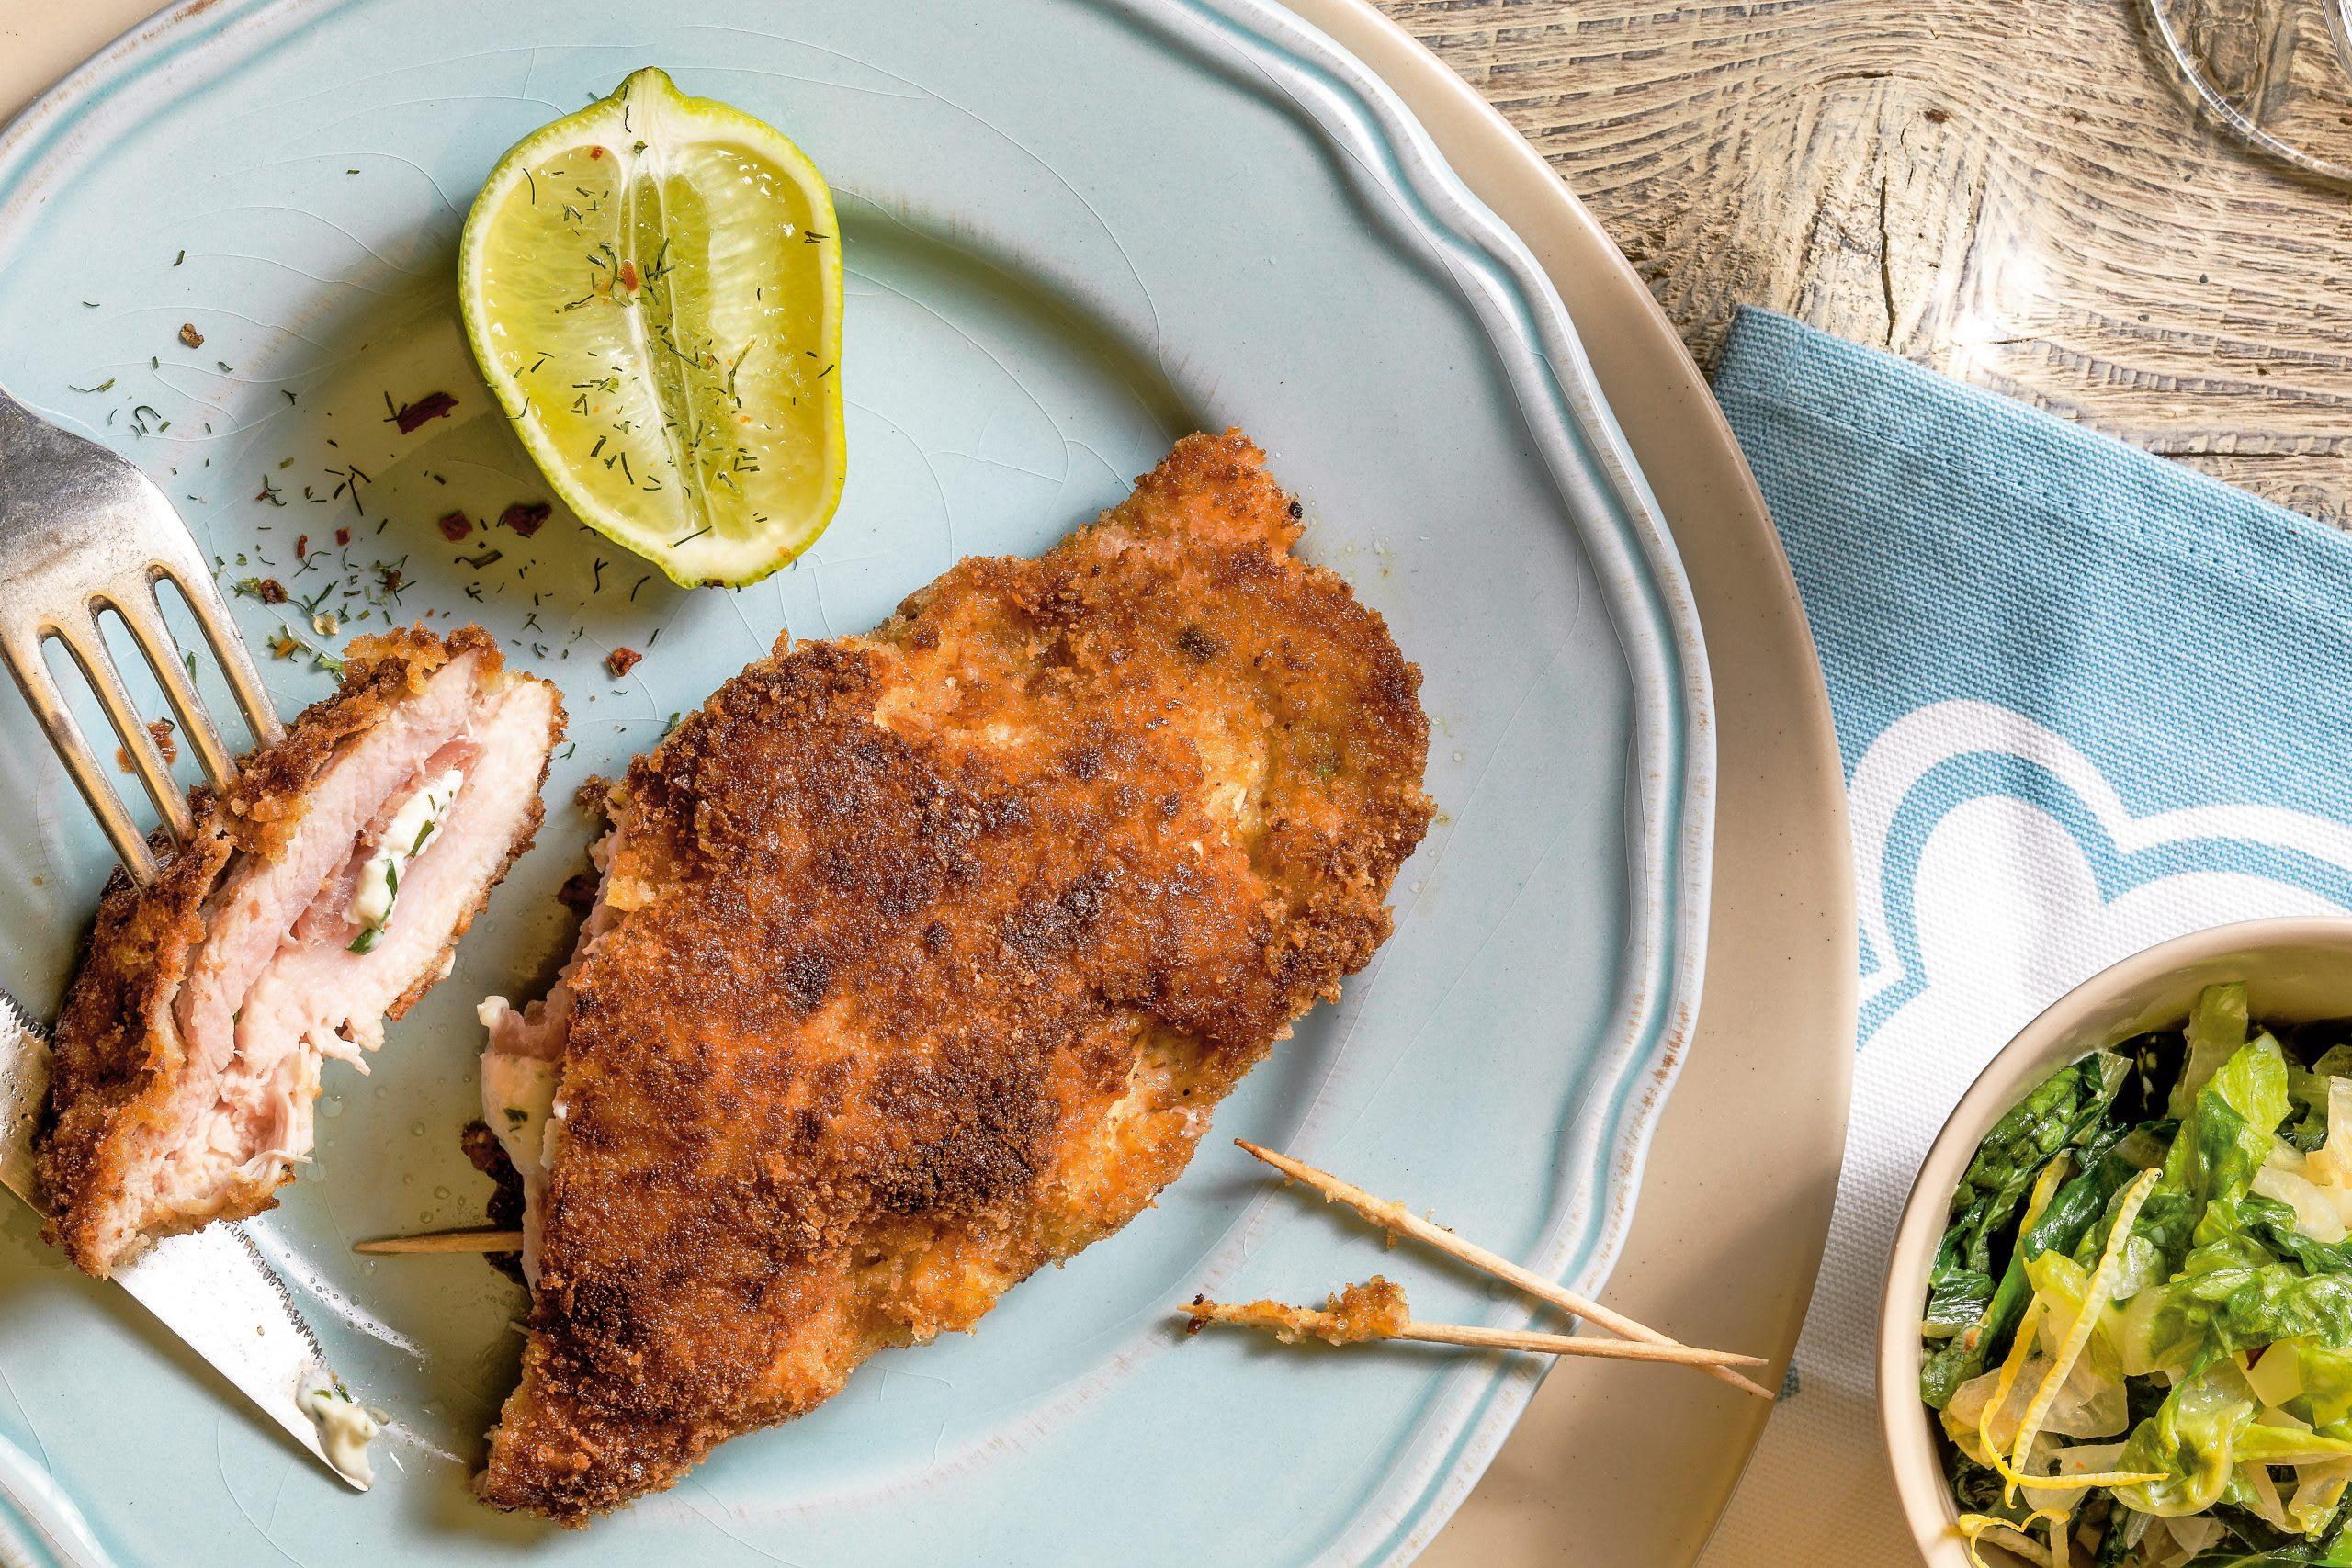 Cordon bleu mit Frischkäsefüllung auf Rahm-Lattich